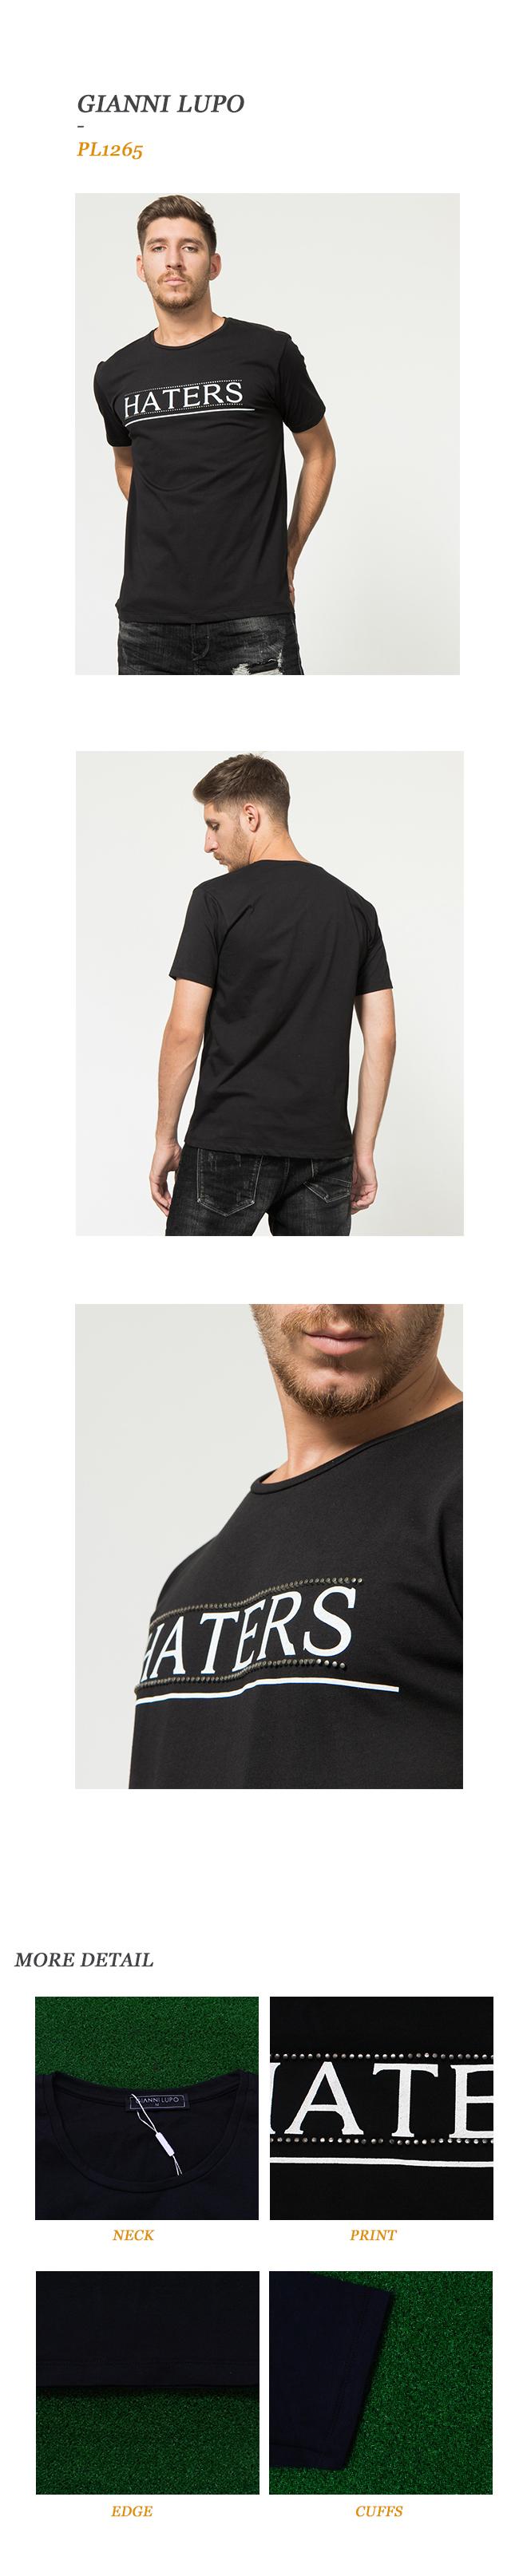 지아니루포(GIANNI LUPO) Pl1265 Haters 스터드 티셔츠(Bk)